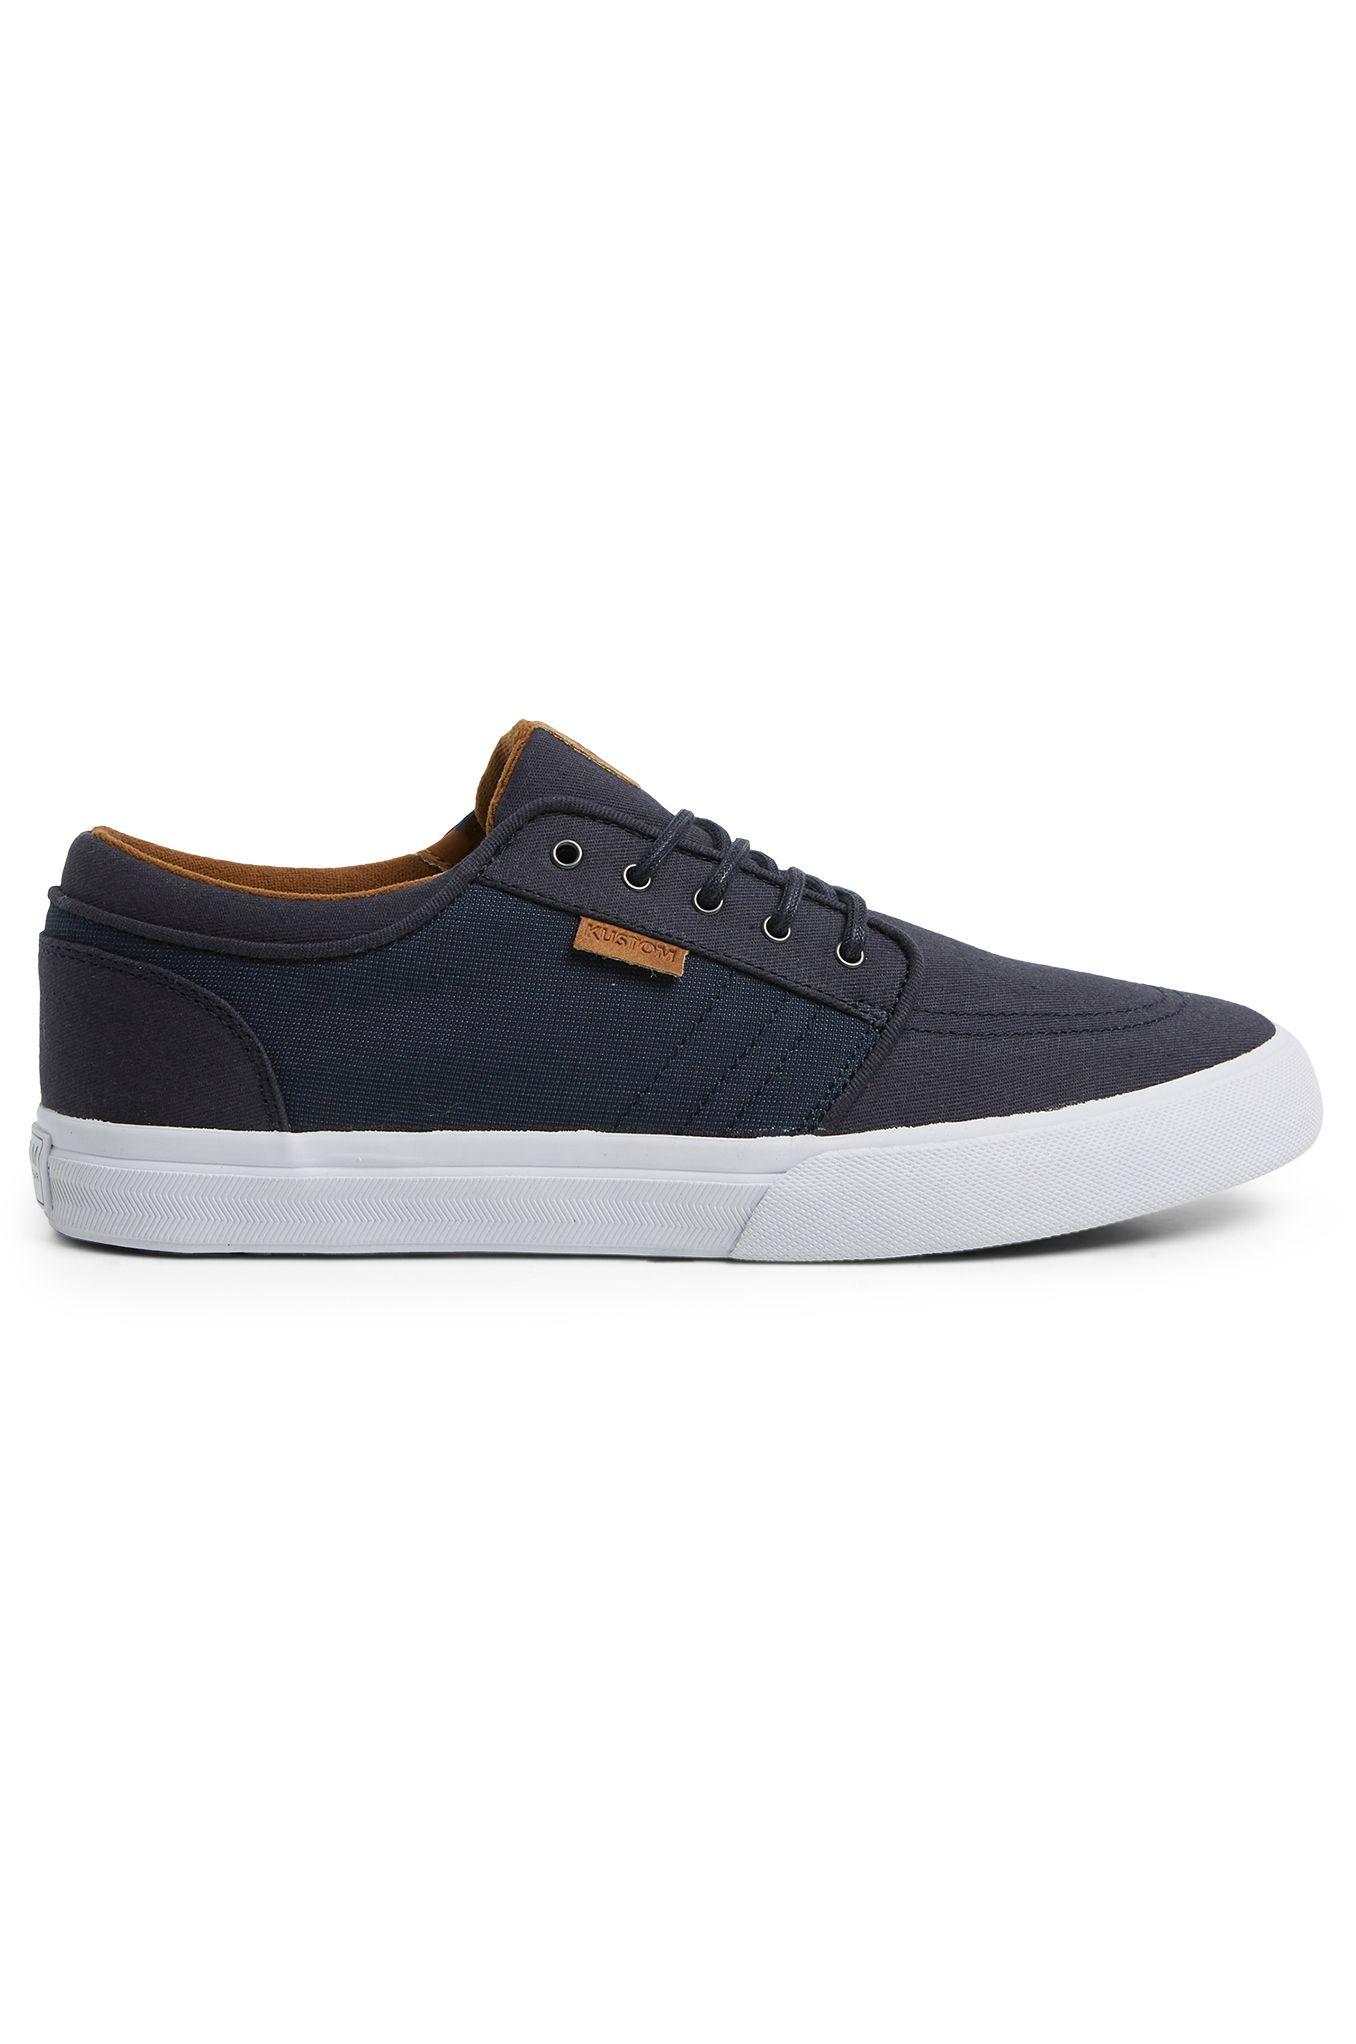 Kustom Shoes REMARK 2 Navy Micro